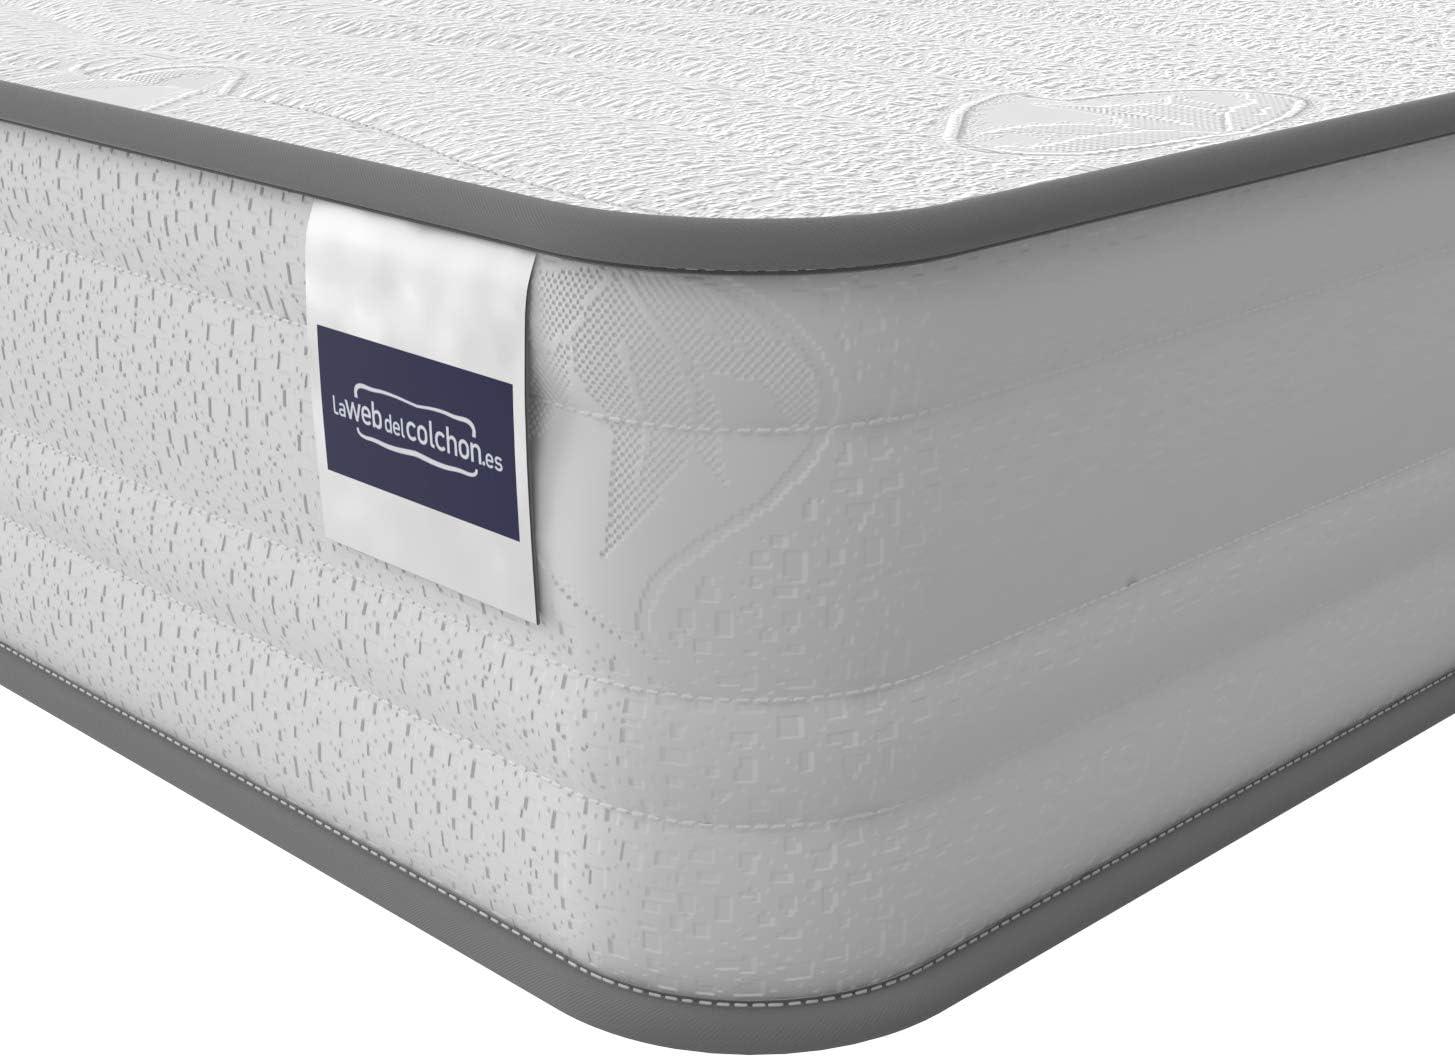 LA WEB DEL COLCHON - Colchón Basic Cama Nido 75 x 190 (Medida Especial) x 14 cms.